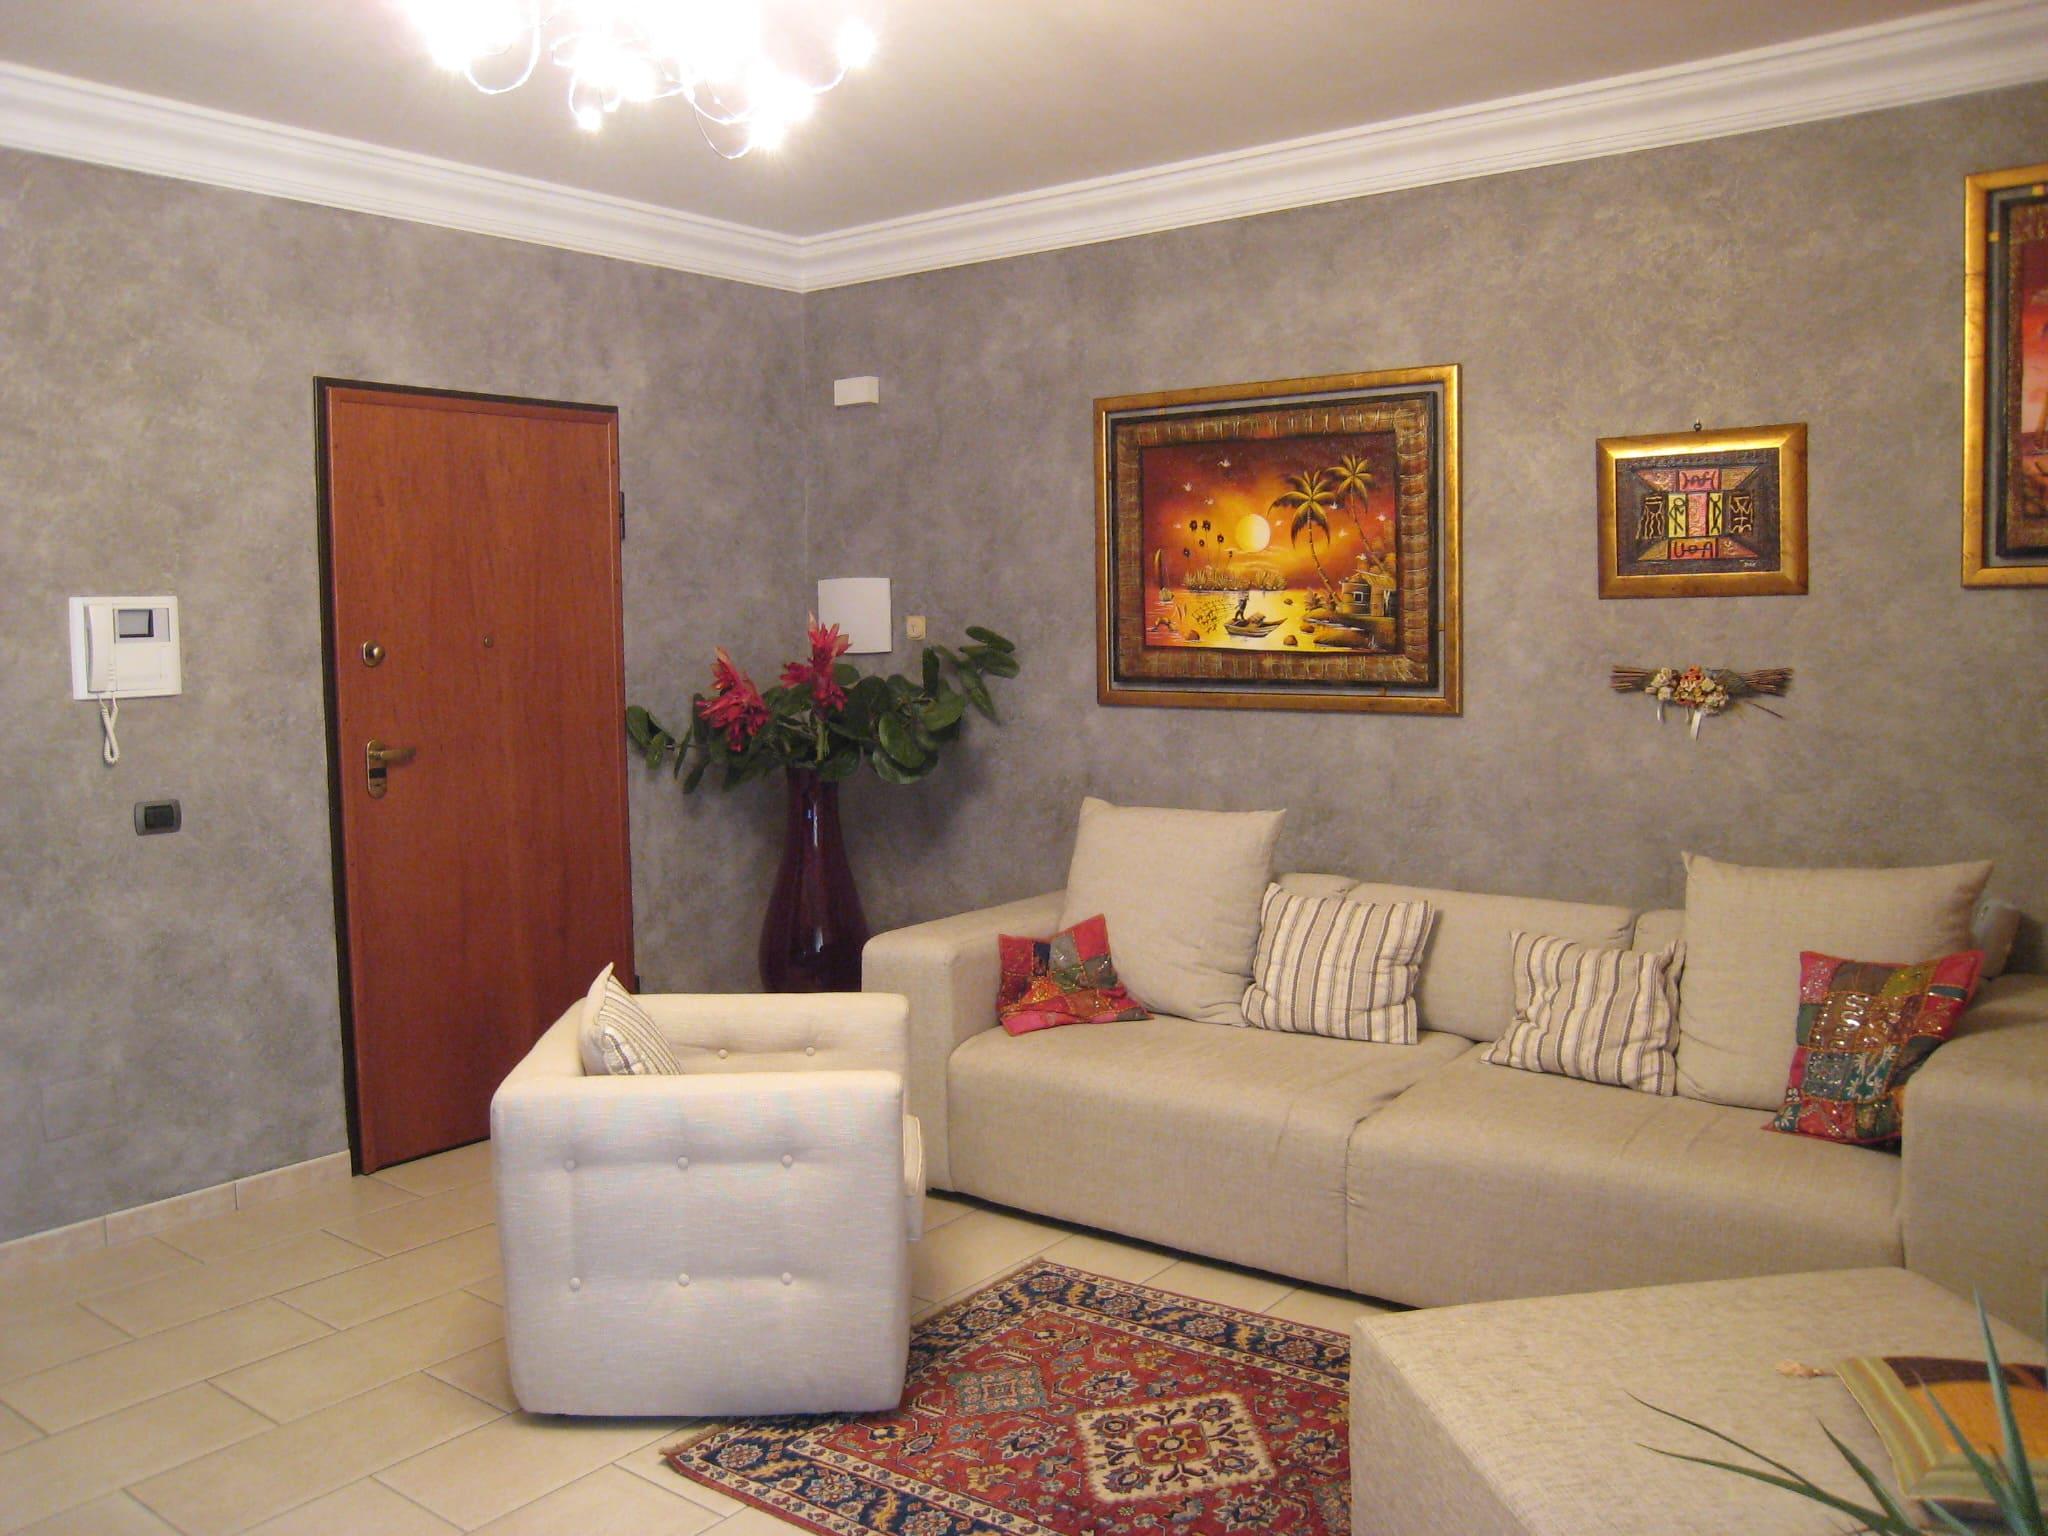 Декоративная штукатурка - лучшие красивые варианты отделки стен в интерьере 126